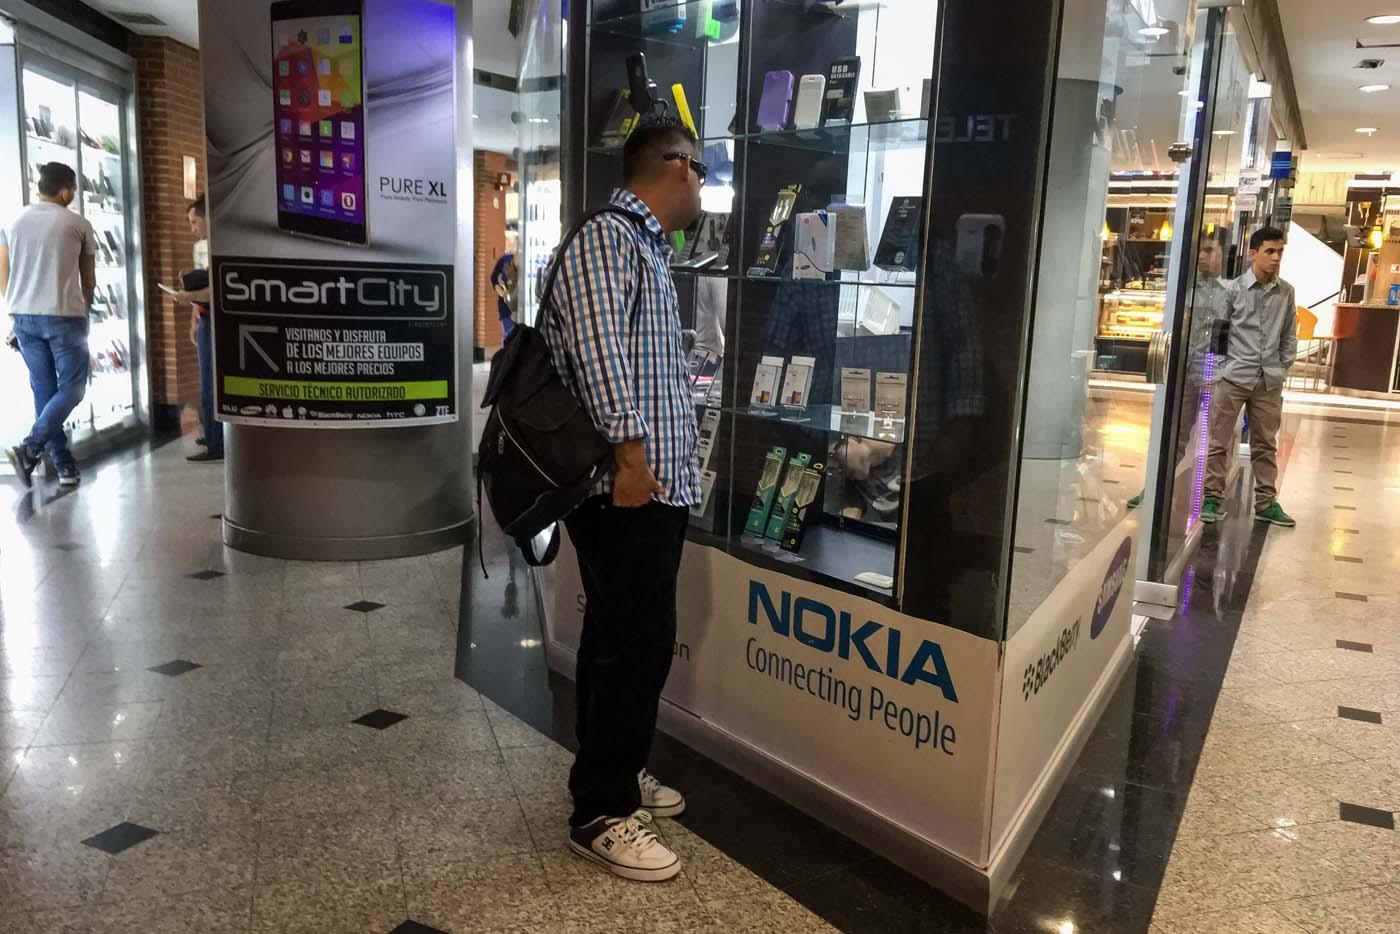 ACOMPAÑA CRÓNICA: VENEZUELA DIVISAS - CAR01. CARACAS (VENEZUELA), 27/01/2017.- Fotografía del 25 de febrero del 2017, donde se observa a una persona ver una vitrina en un centro comercial en la ciudad de Caracas (Venezuela). En una vitrina de una tienda caraqueña se exhibe un móvil de última generación a un precio de 1.280.000 bolívares, una cantidad que puede pagarse con dólares estadounidenses en este lugar y en otros que operan con varias divisas pese al control de cambio que rige en Venezuela desde 2003. EFE/MIGUEL GUTIÉRREZ